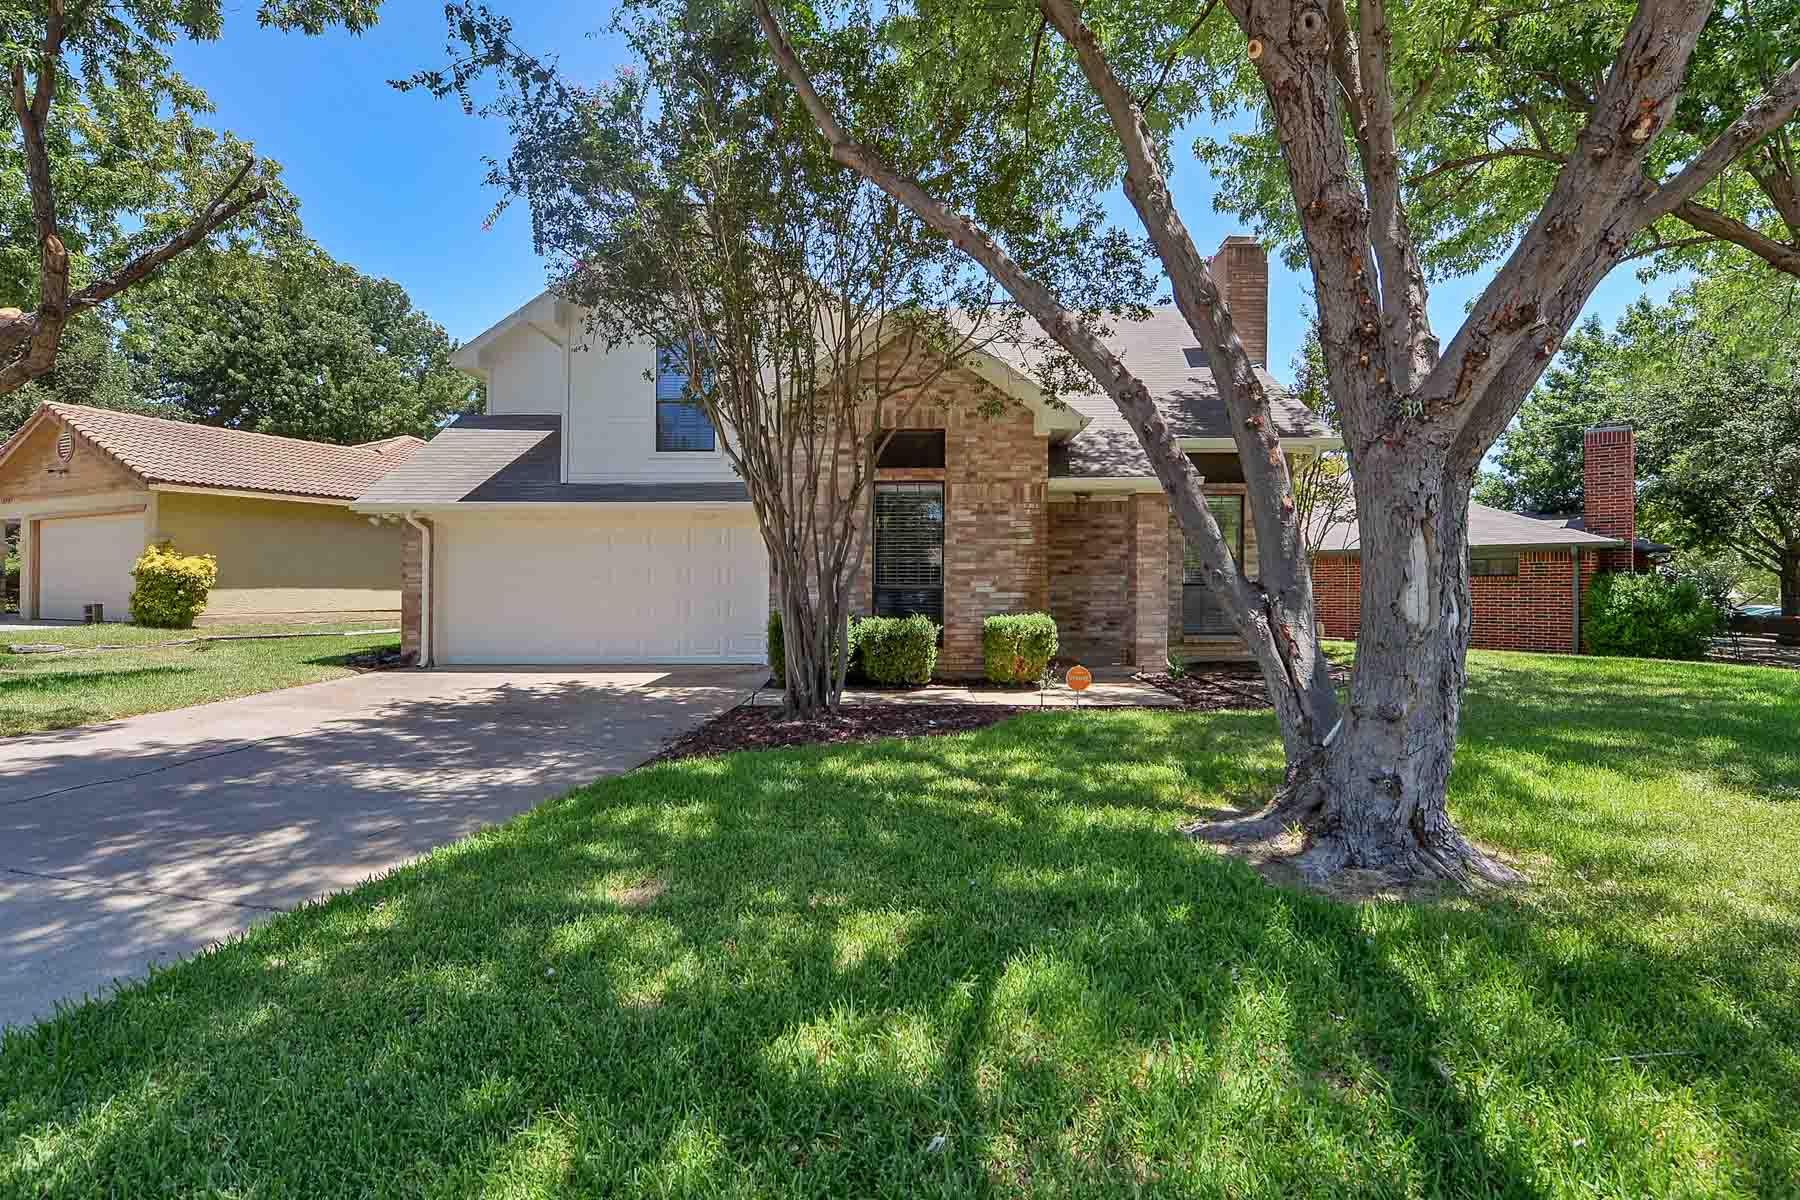 Casa Unifamiliar por un Venta en Martin H.S. Traditional 5731 Sterling Green Trl. Arlington, Texas, 76017 Estados Unidos